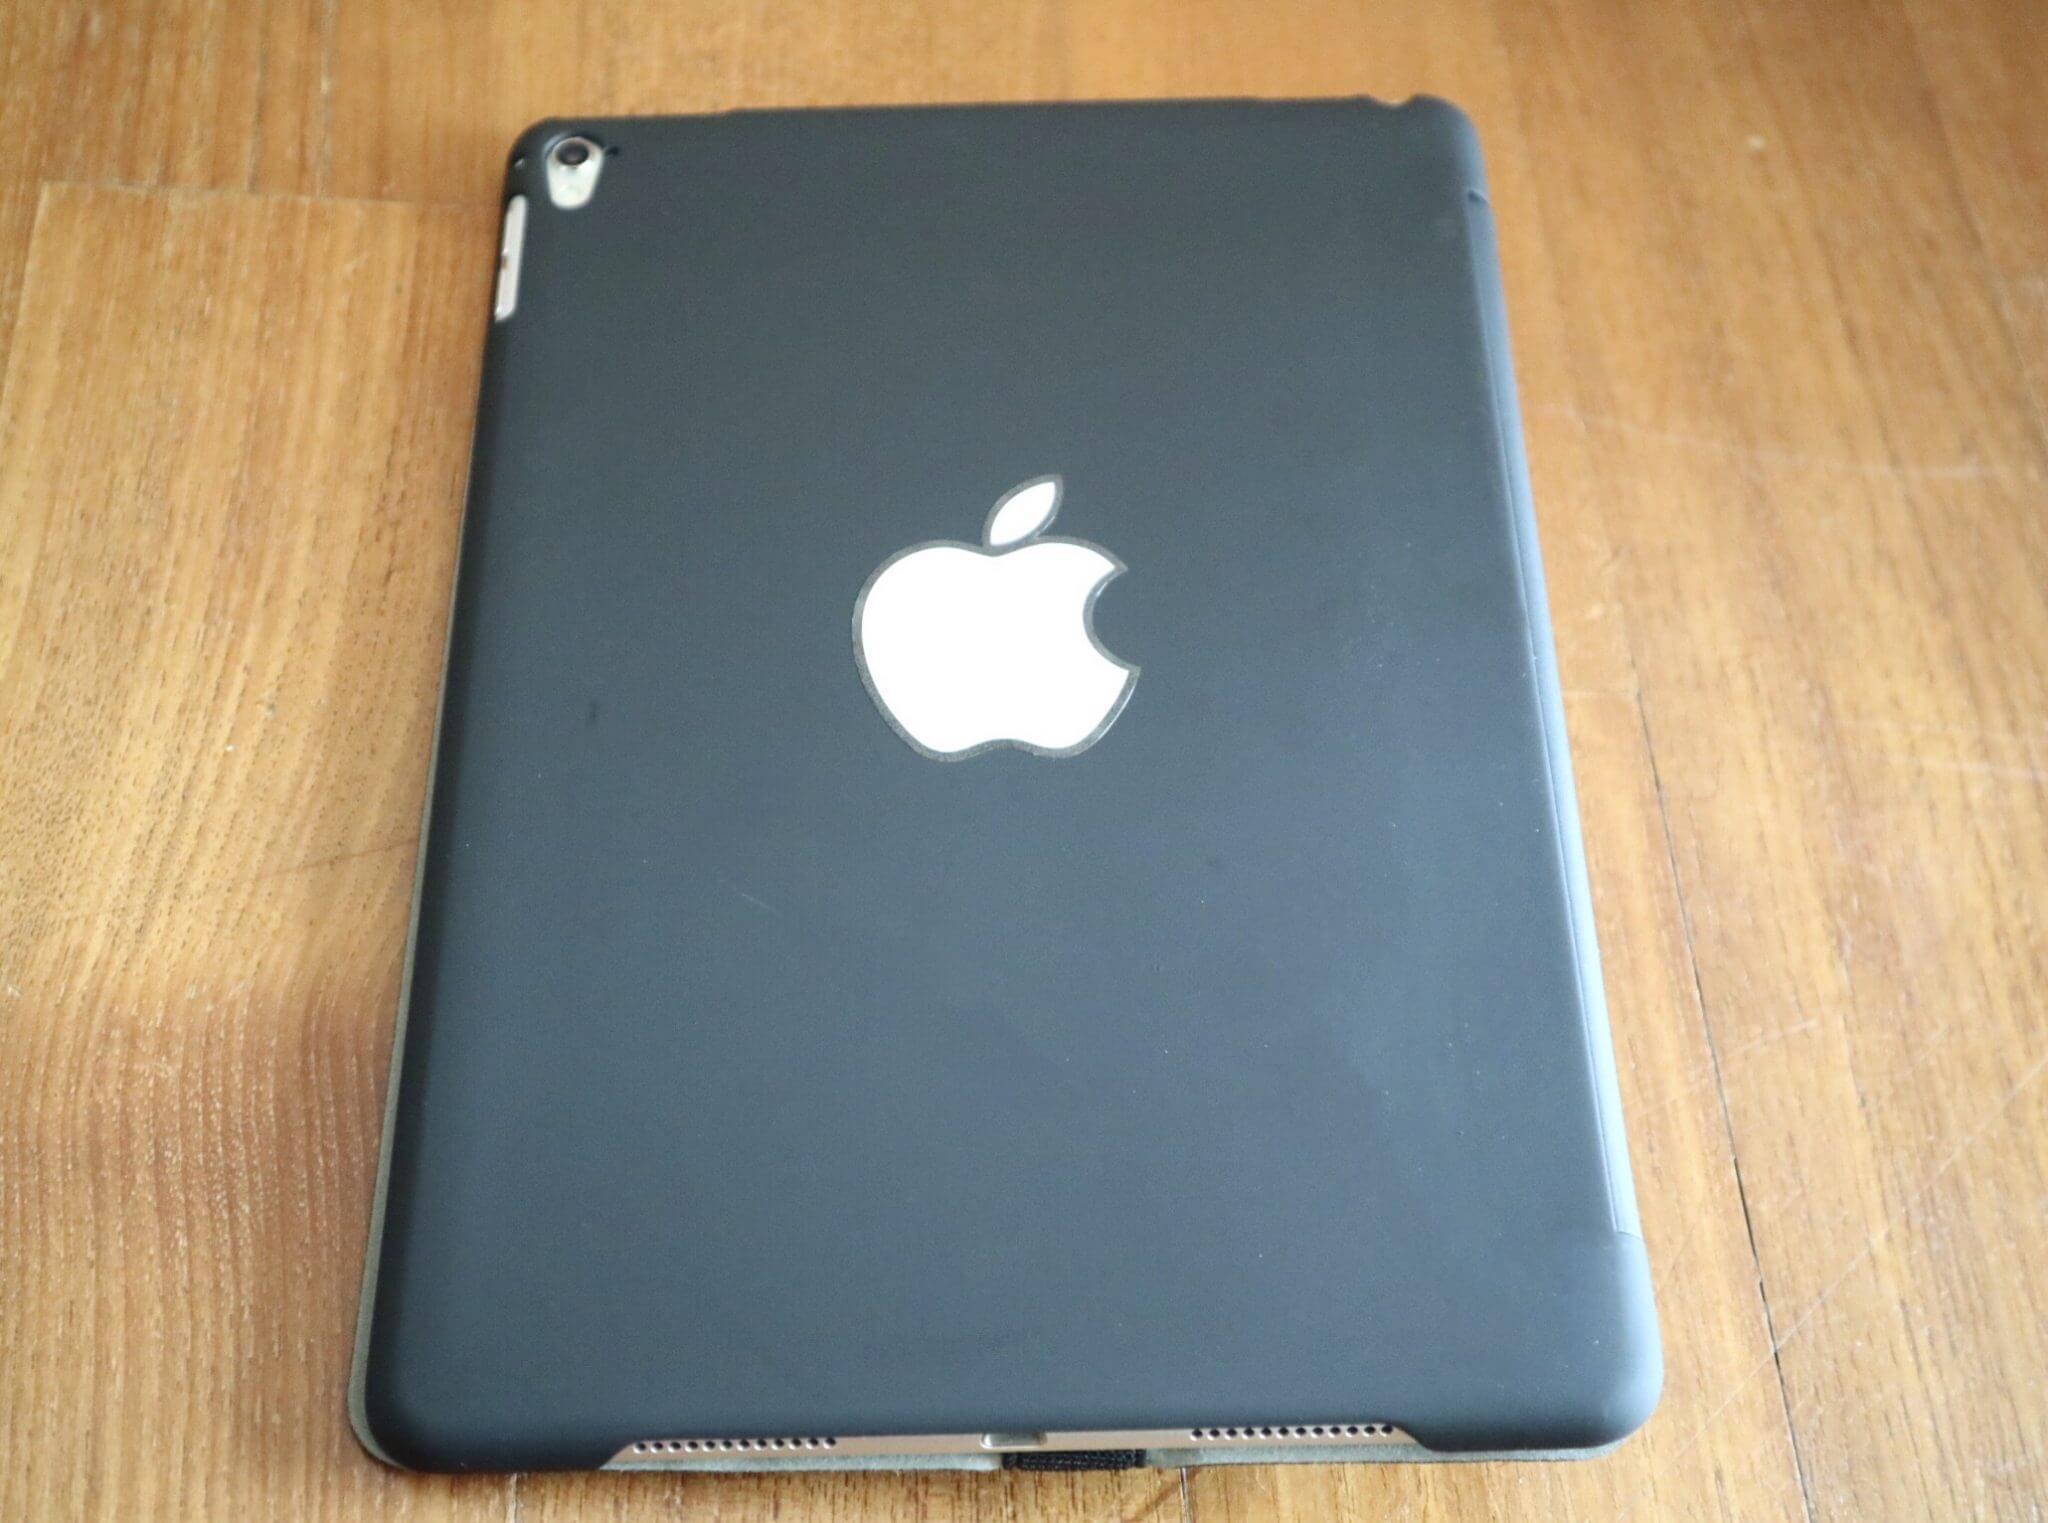 9.7インチiPadPro&ApplePencilをより快適にする3つのグッズ